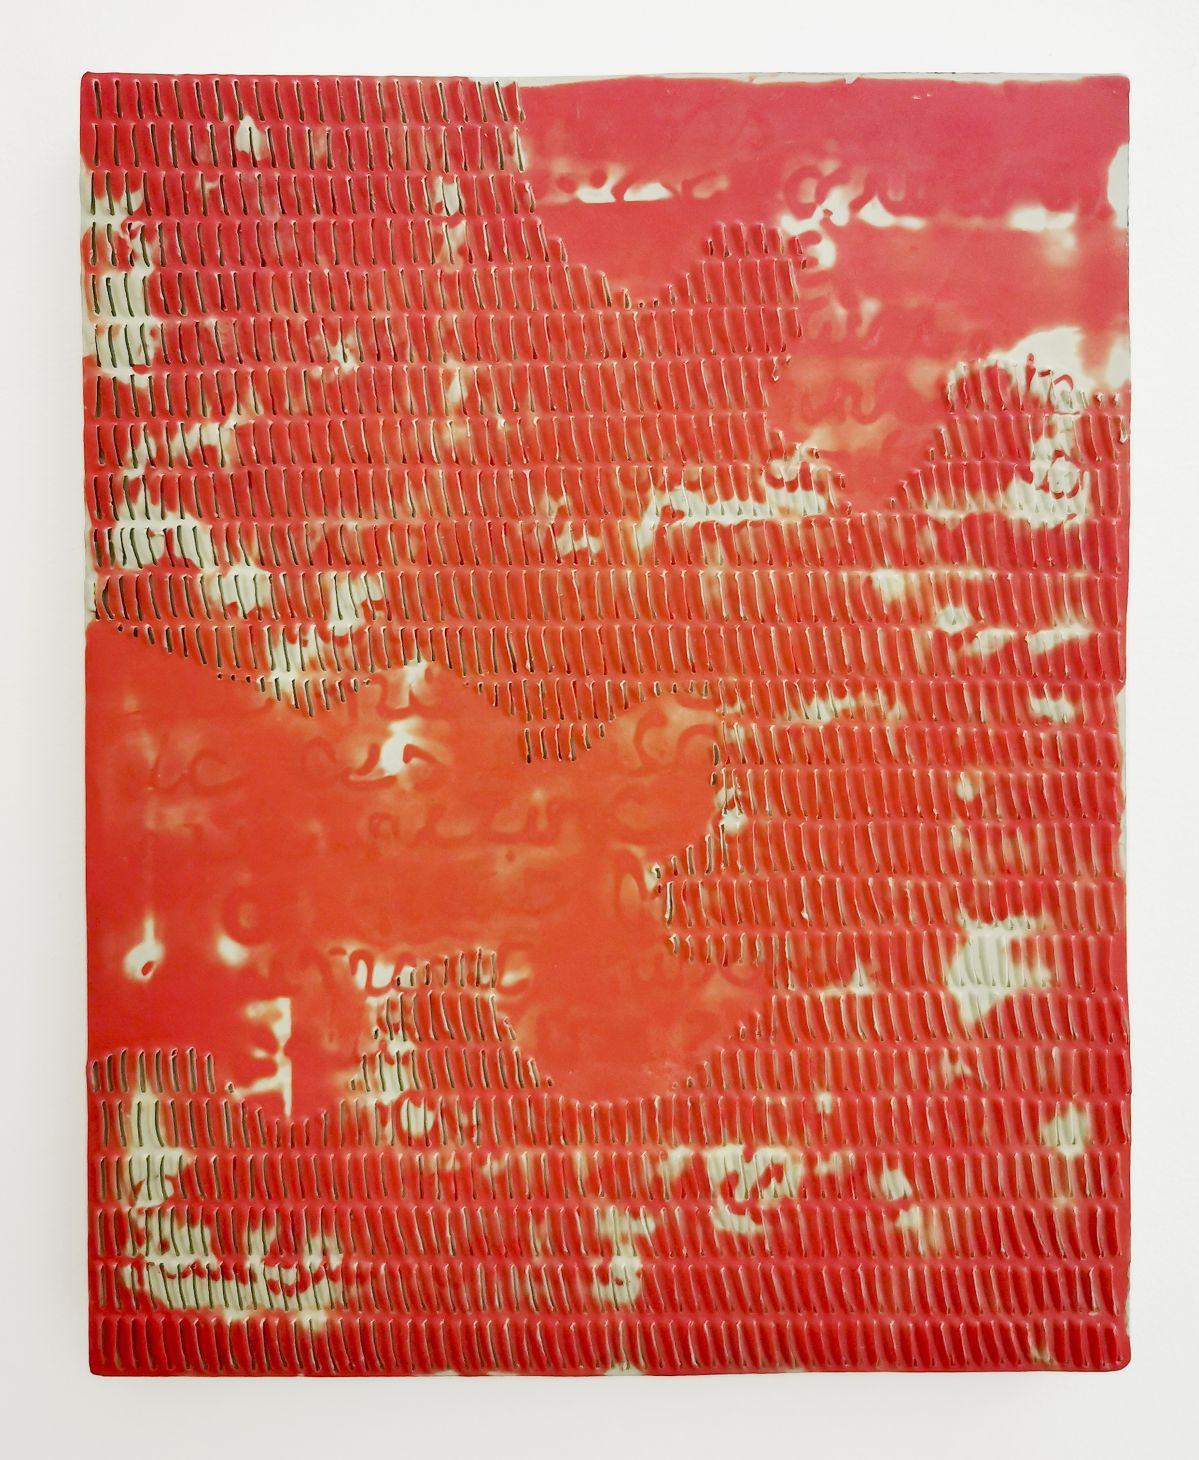 Pascale Hugonet - Épigraphie 14, 2019 - Traces à la N5 Galerie - Montpellier